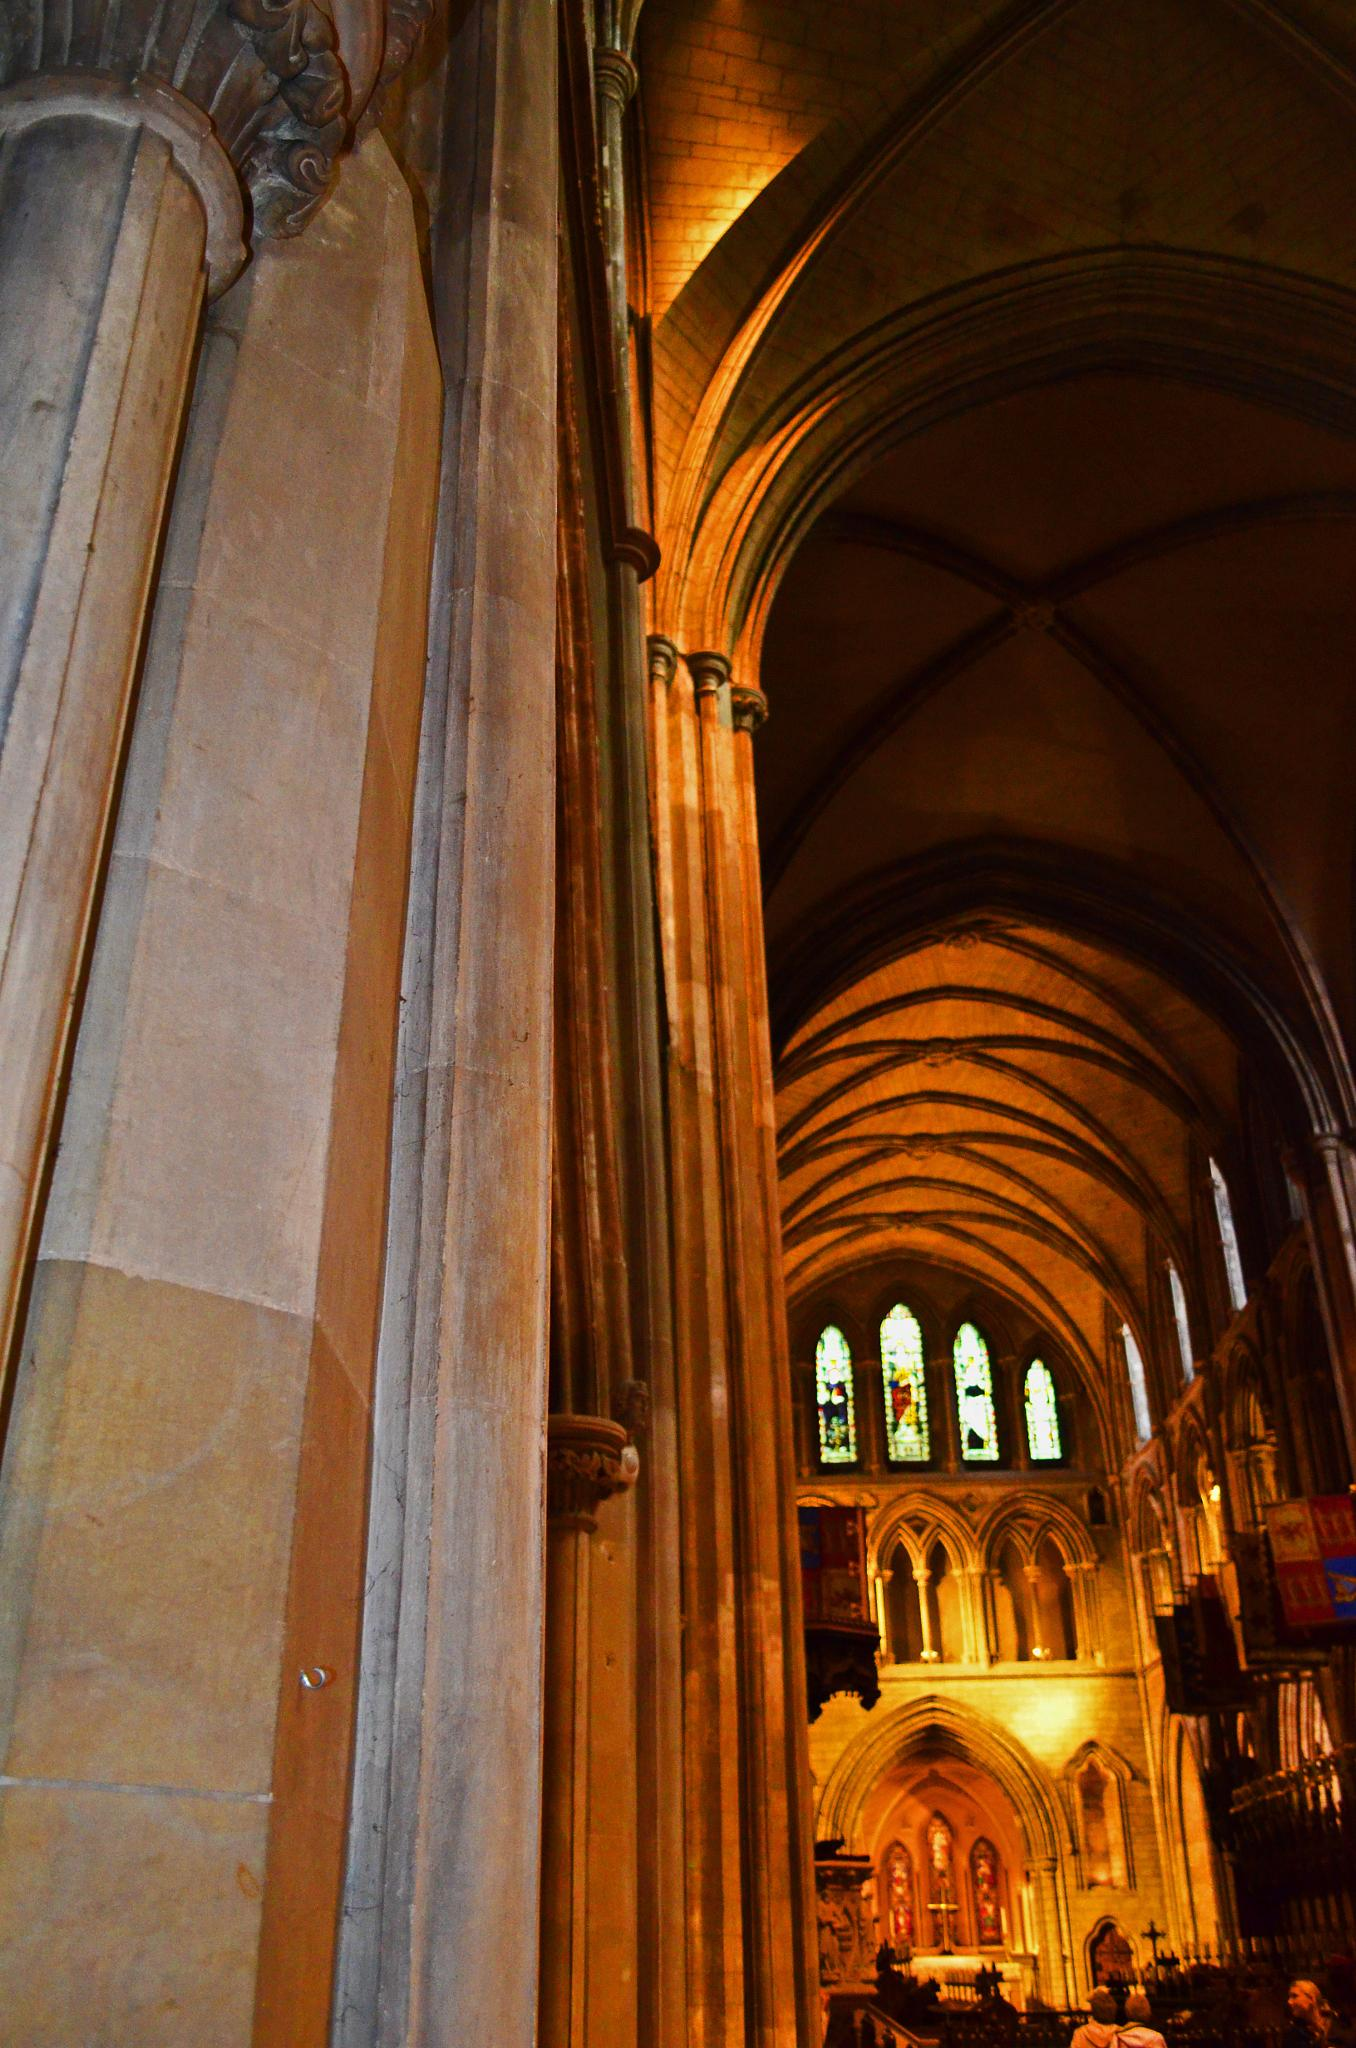 Irish Cathedral by Boonietunes